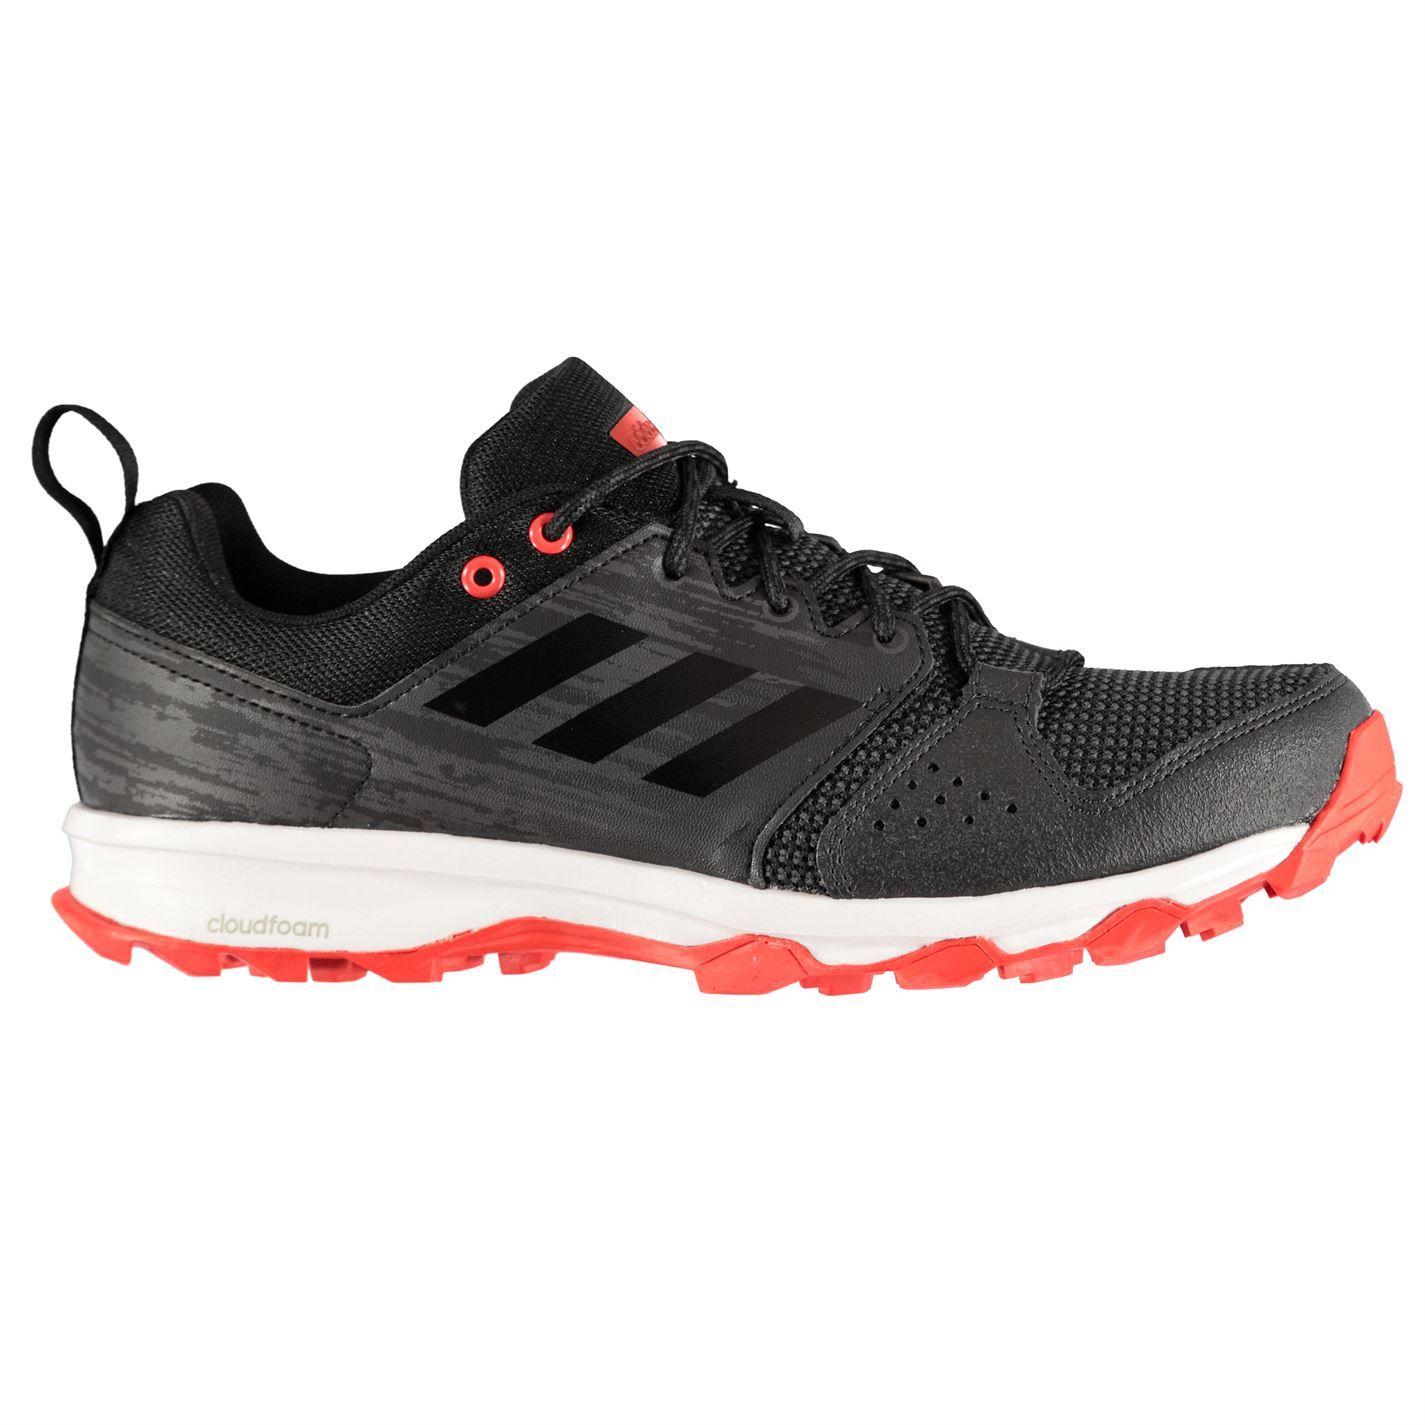 Details zu Adidas Galaxy Trail Laufschuhe Herren Fitness Jogging Turnschuhe